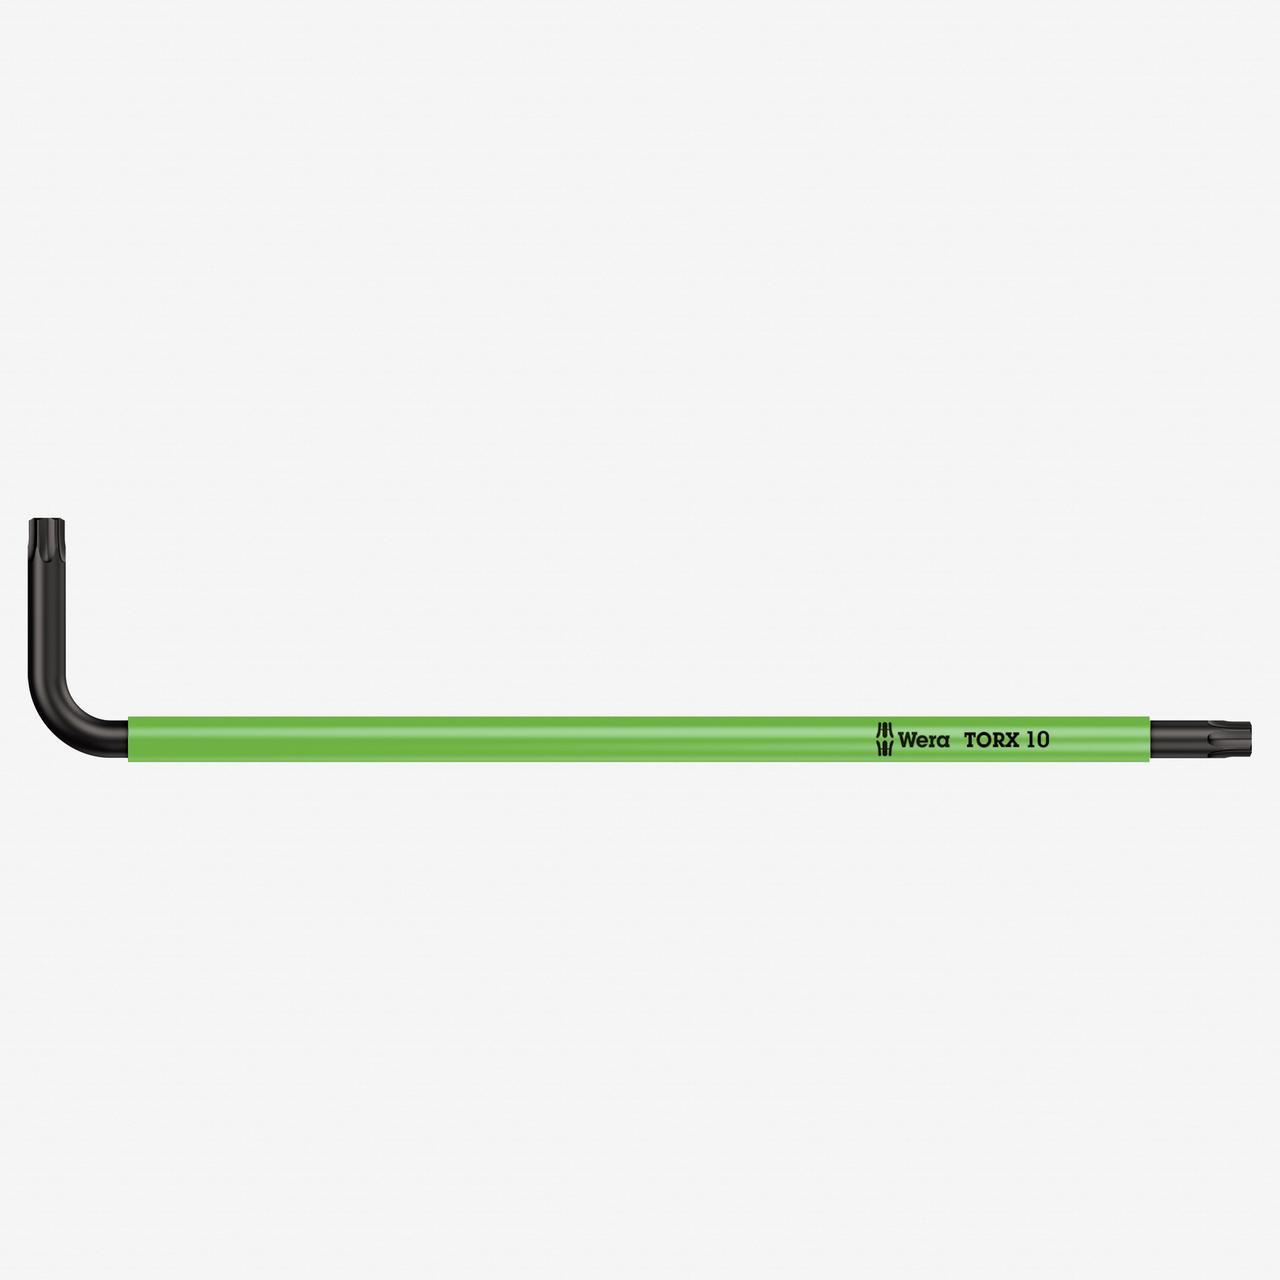 Wera 024352 T10 x 85mm Torx + Security Torx L-key (Light Green) - KC Tool